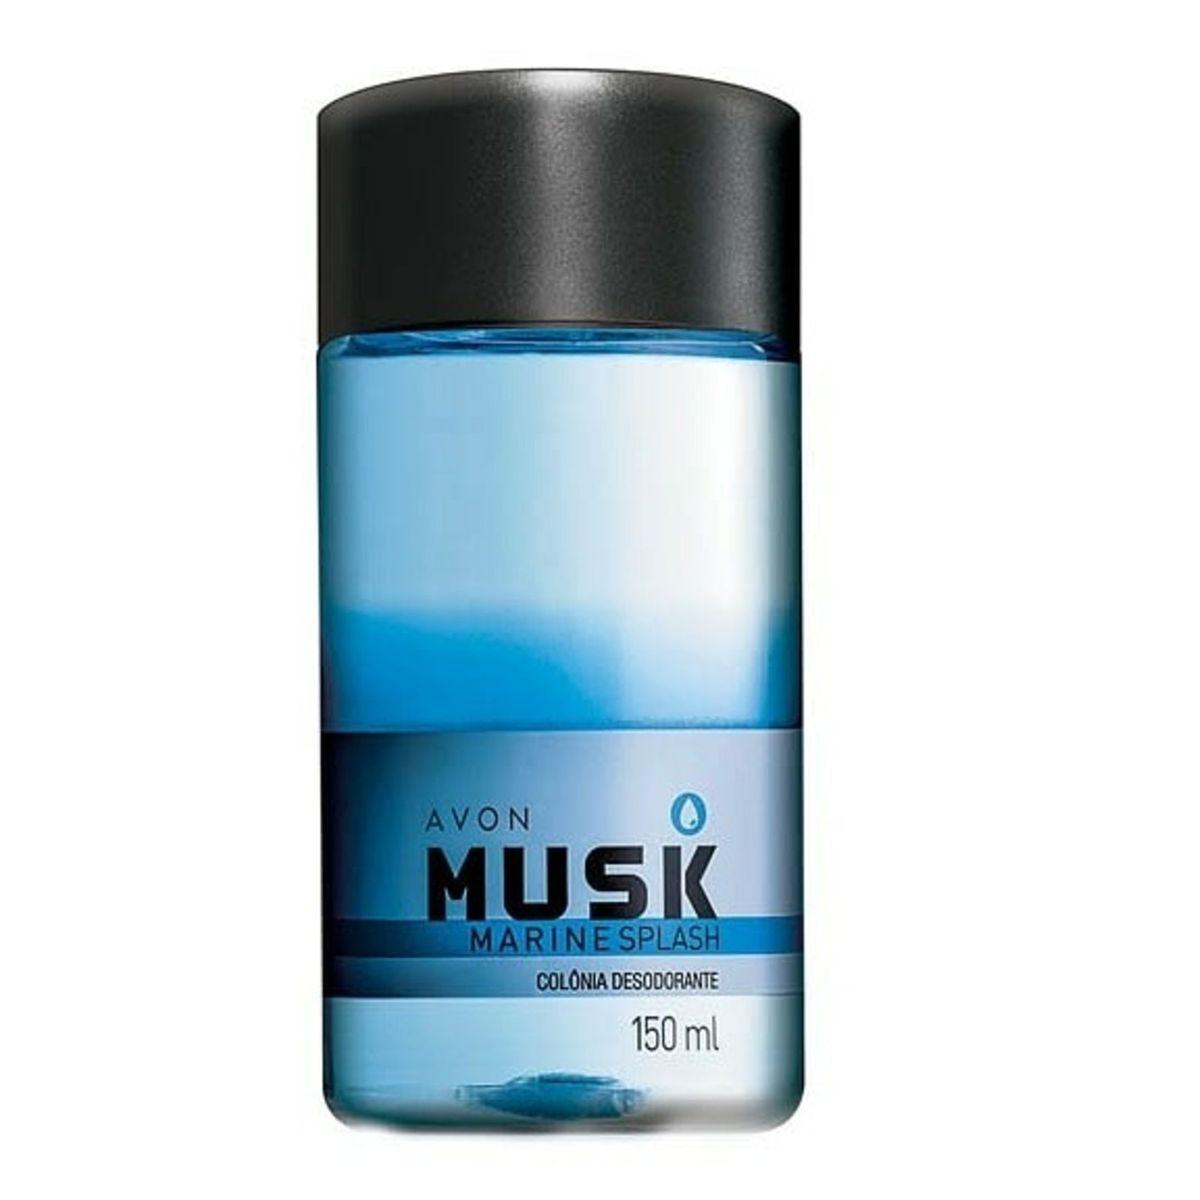 Colonia Desodorante Avon Musk Marine Splash 150ml  - LUISA PERFUMARIA E COSMETICOS